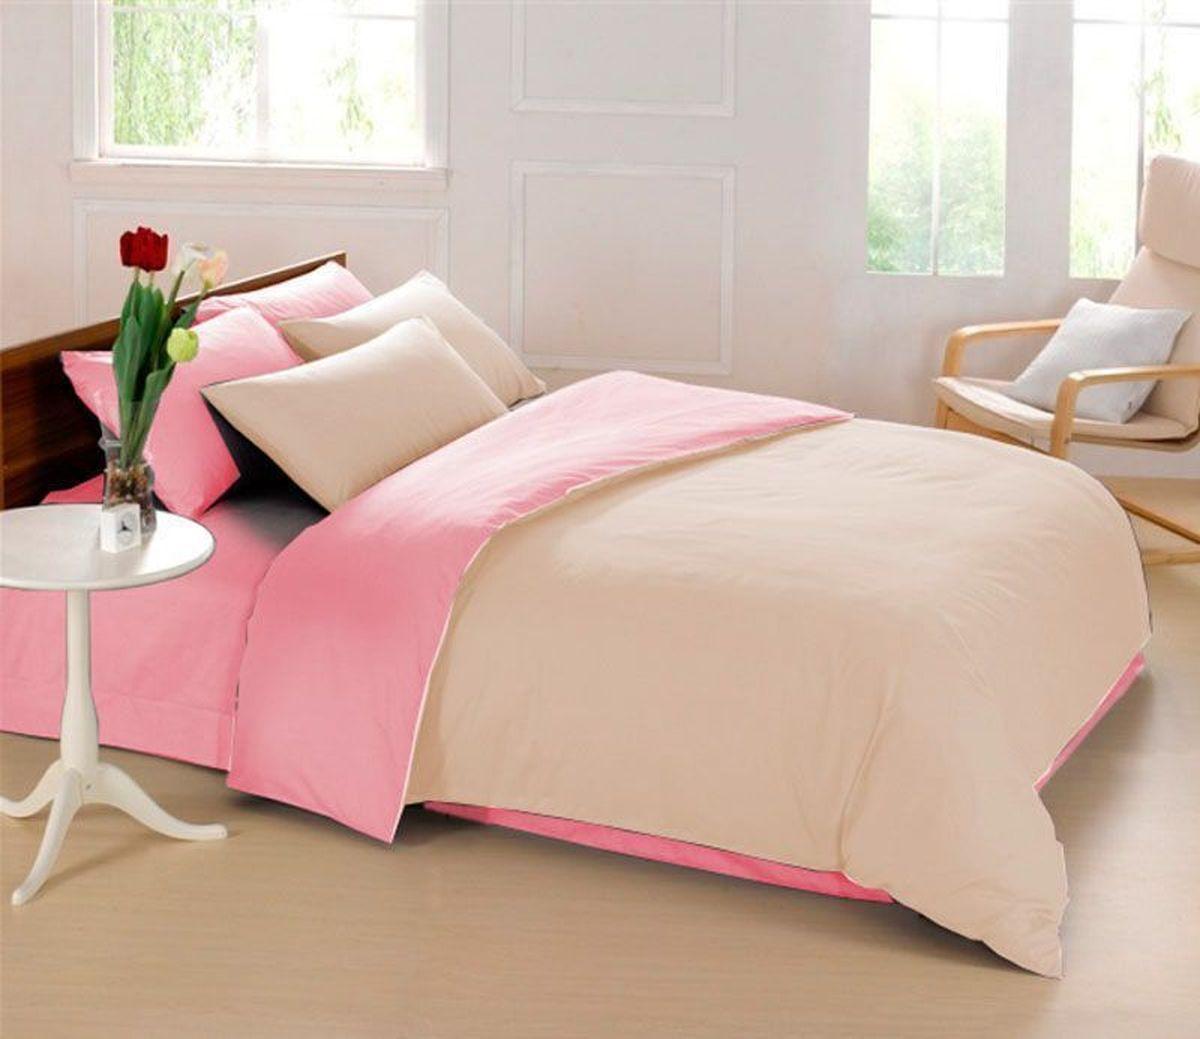 Постельное белье Sleep iX Perfection, семейный, цвет: молочный, розовыйpva215423Известно, что цвет напрямую воздействует на психологическое и физическое состояние человека. Специально для наших покупателей мы внесли описание воздействия каждого цвета в комплекты постельного белья Perfection. Бежевый – обладает внутренней теплотой, заряжает положительной энергетикой и способствует формированию душевной гармонии. Человек ощущает себя в окружении бежевого цвета очень спокойно. Розовый – нежный и сентиментальный цвет. Обеспечивает здоровый сон, способствует мышечному расслаблению, успокаивает нервную систему. Производитель: Sleep iX Материал: Микрофреш (100 г/м2) Состав материала: 100% микрофибра Размер: Семейное (2 пододеял.) Размер пододеяльника: 150х220 см Тип застежки на пододеяльнике: Молния (100 см) Размер простыни: 220х240 (обычная) Размер наволочек: 50х70 и 70х70 (по 2 шт) Тип застежки на наволочках: Клапан (20 см) Упаковка комплекта: Подарочная Коробка Cтрана производства: Китай Расположение цветов на...